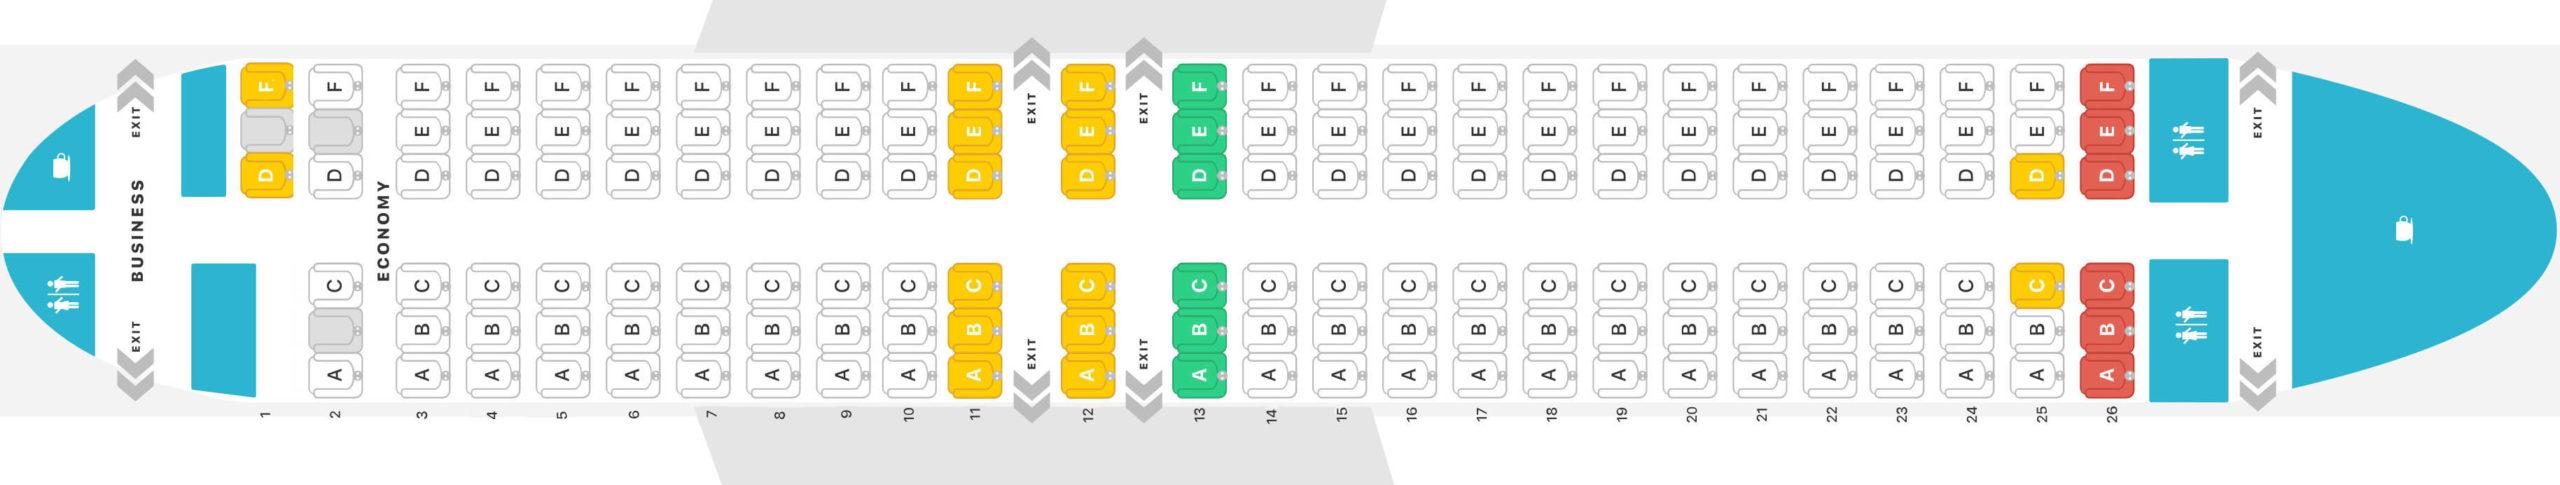 boing 737 400 shema salona 1